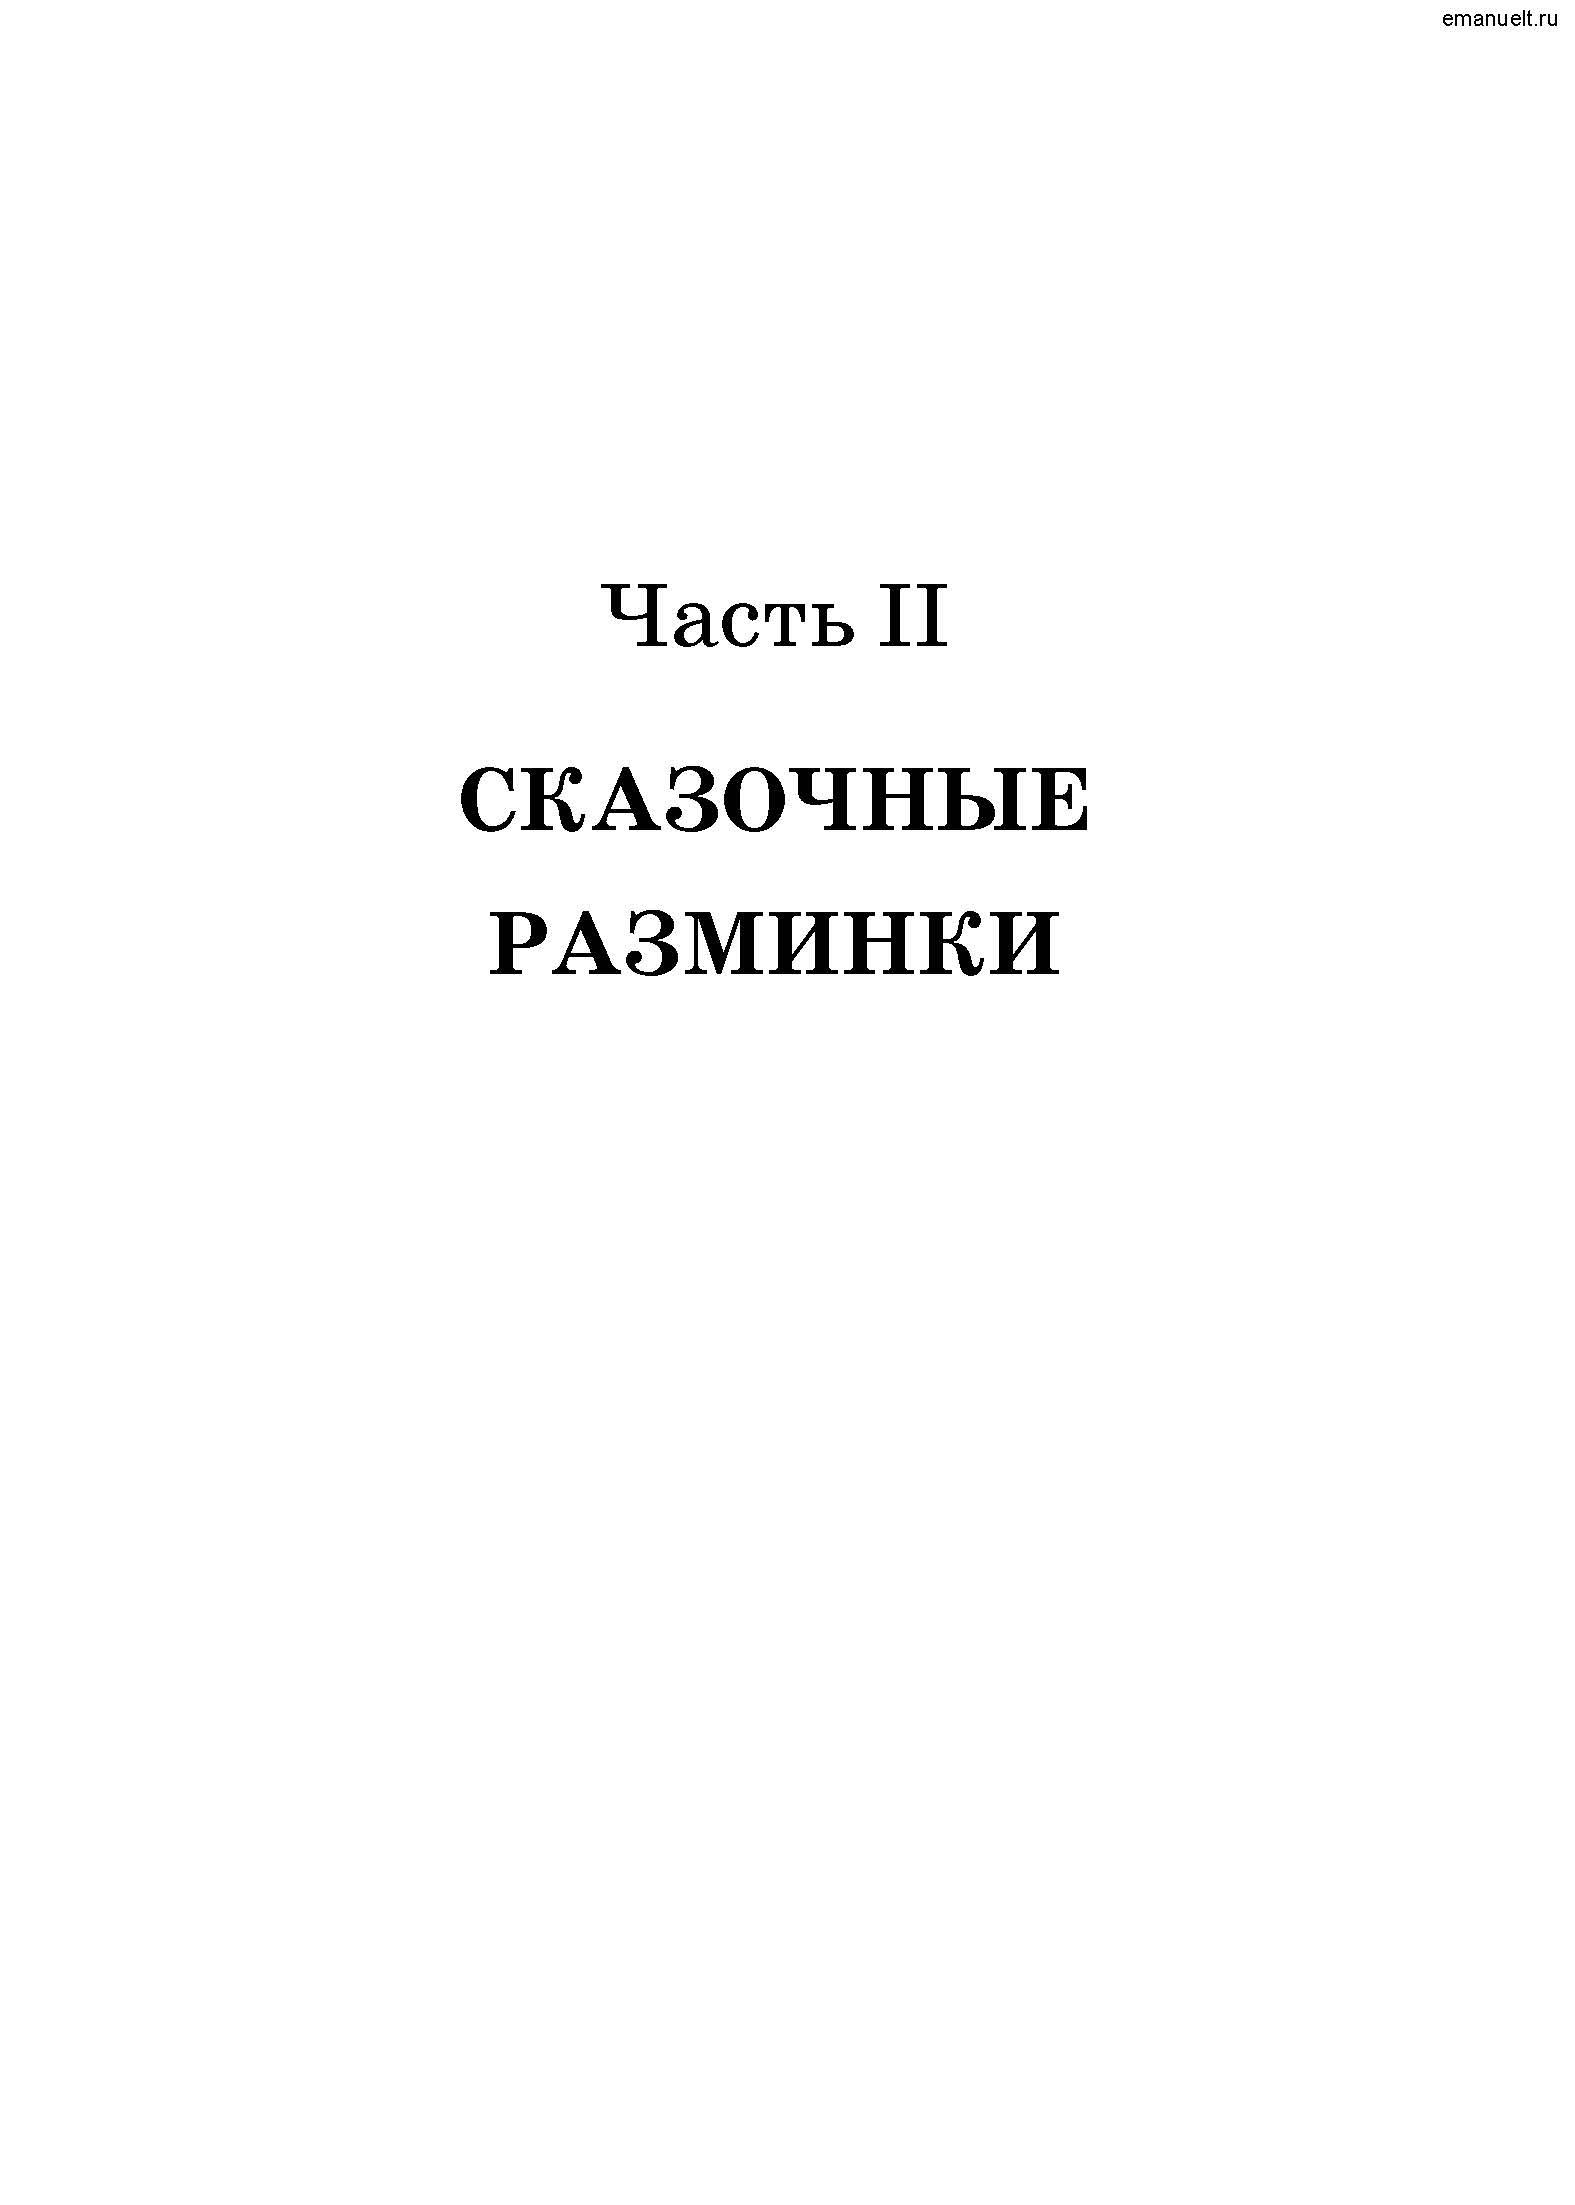 Рассказки в заданиях. emanuelt.ru_Страница_104